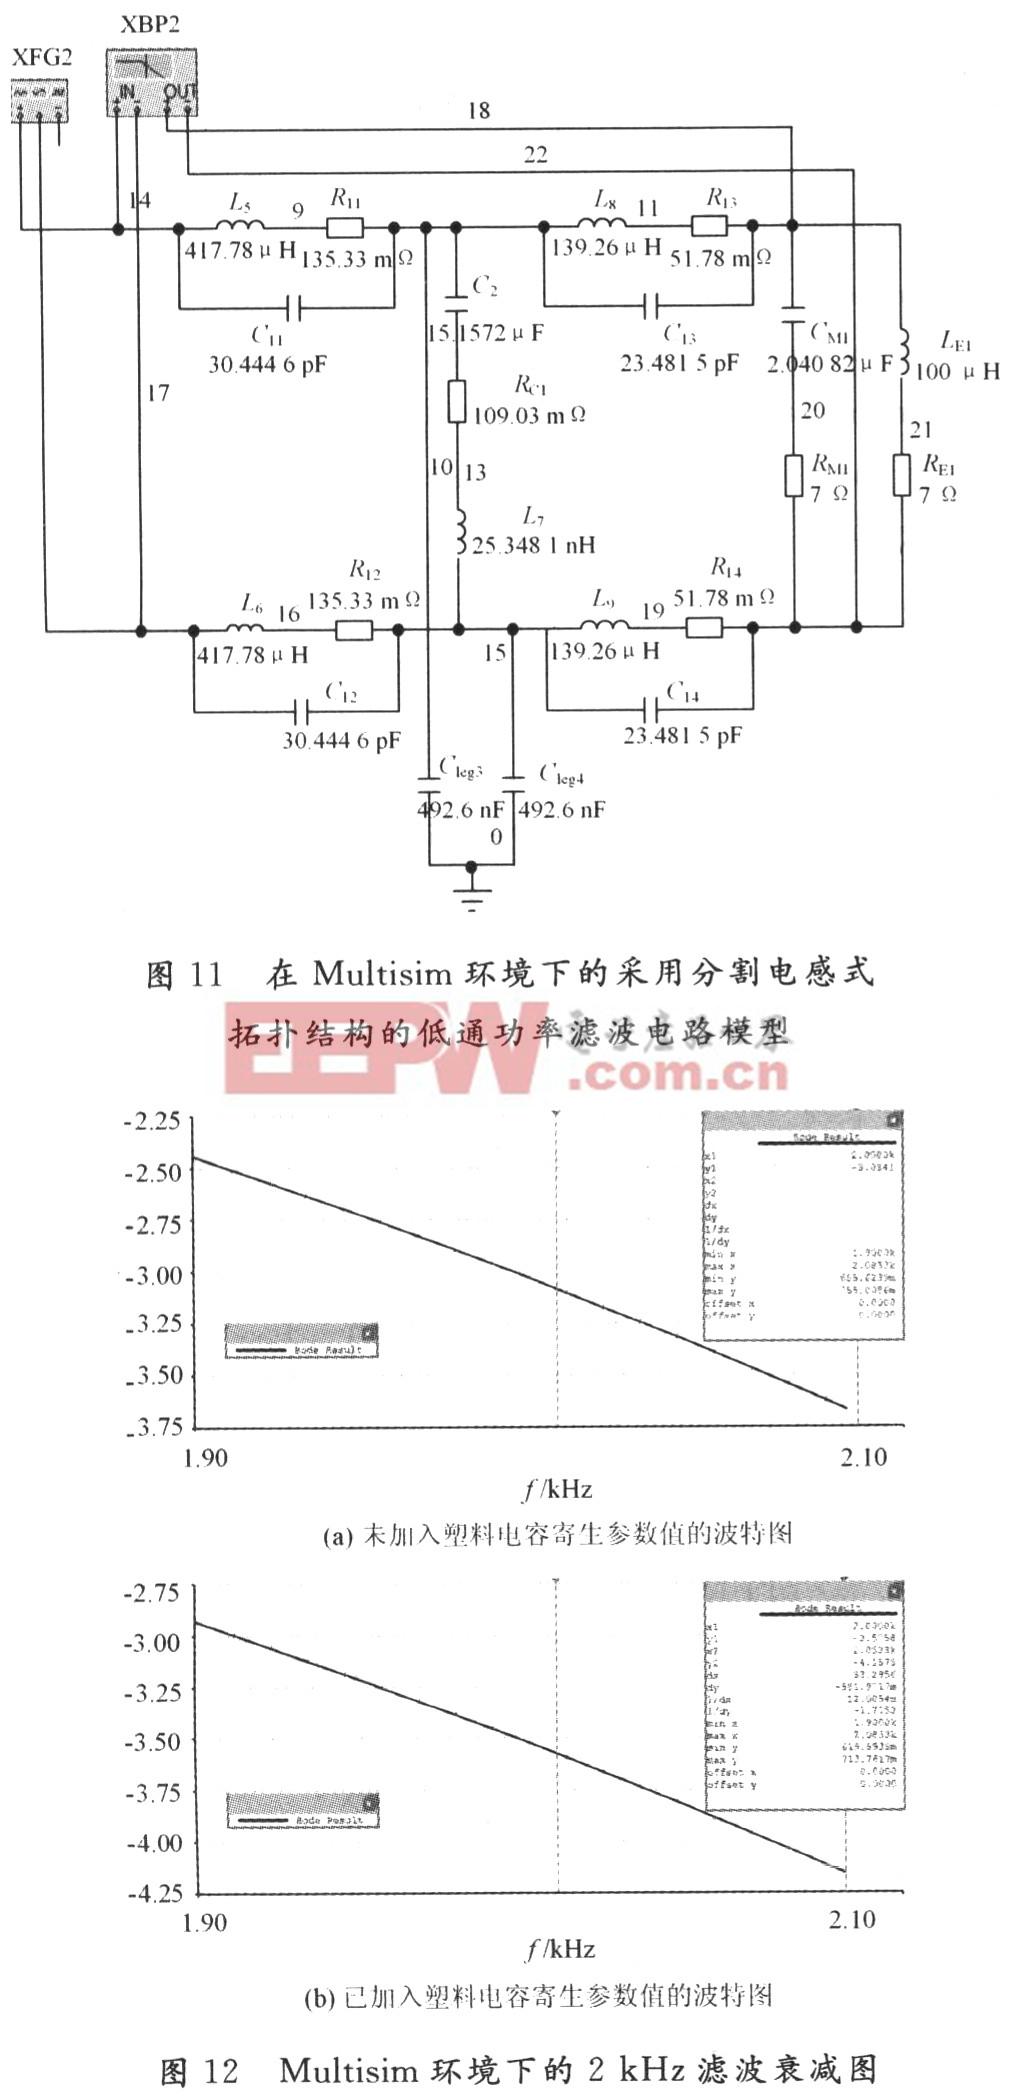 某伺服pwm驱动系统中低通功率滤波电路优化设计